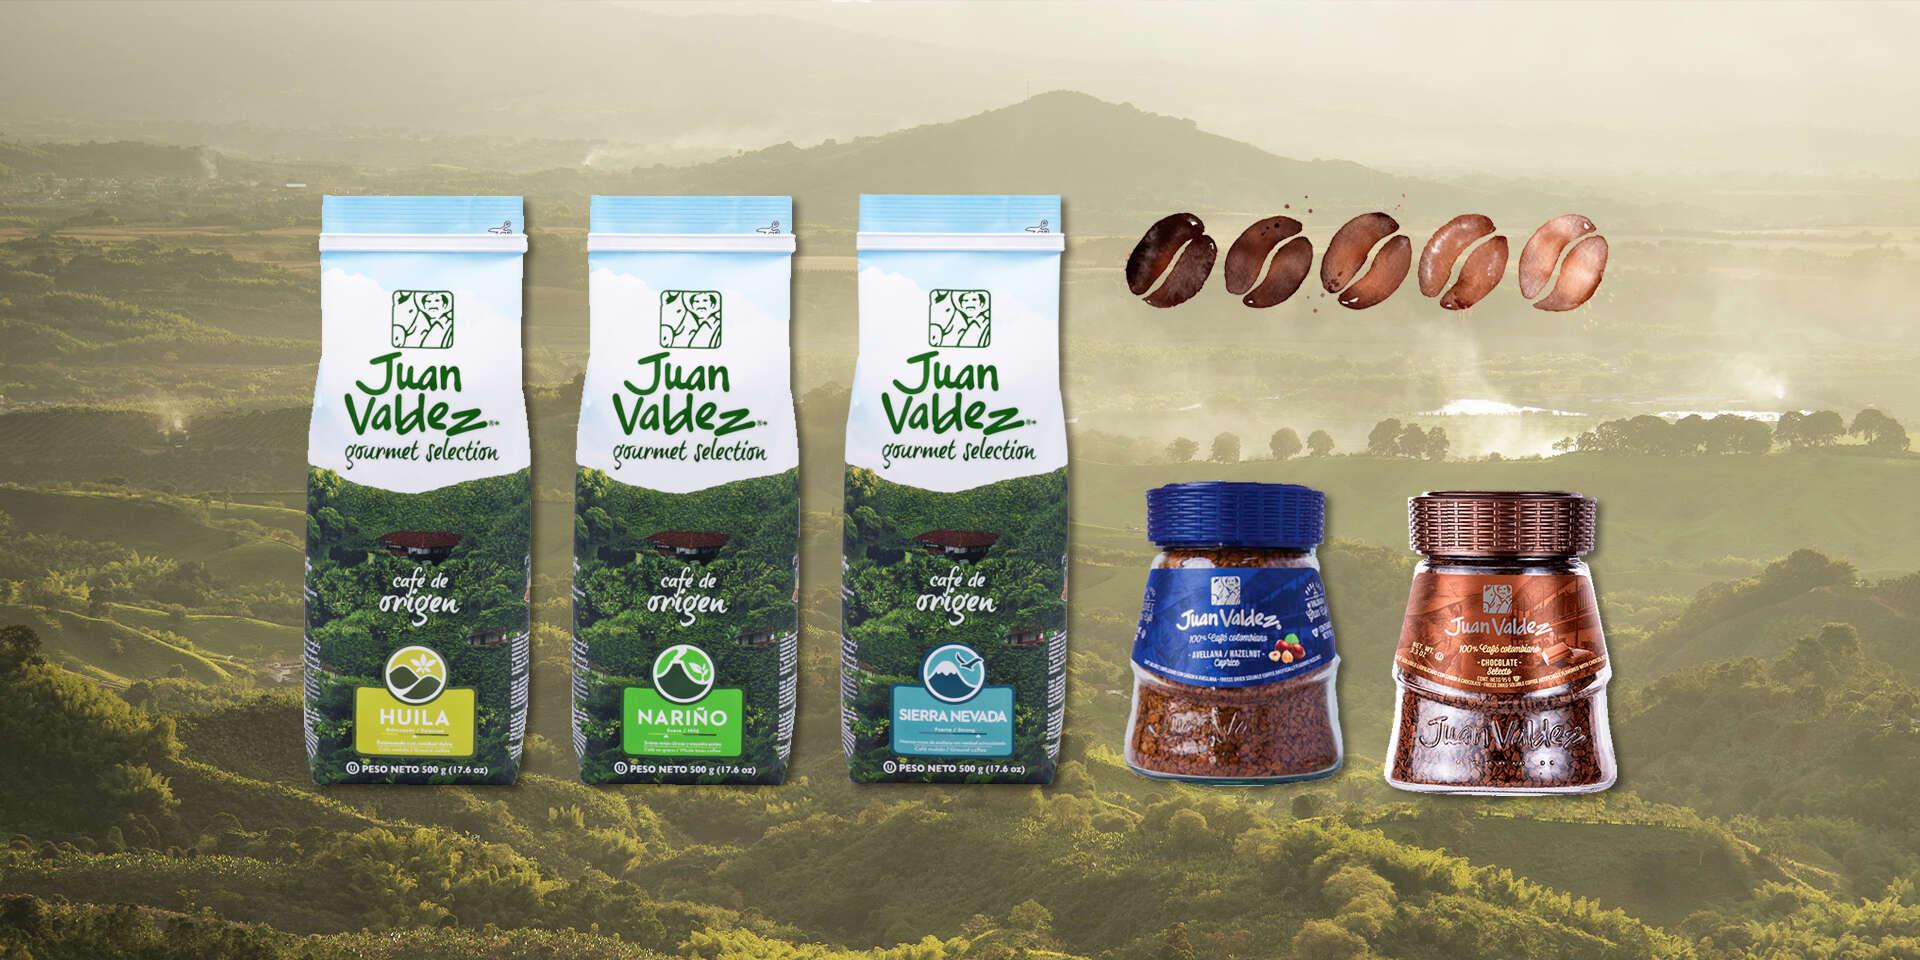 Prémiová kolumbijská káva Juan Valdez – prírodne pražená alebo instantná lyofilizovaná